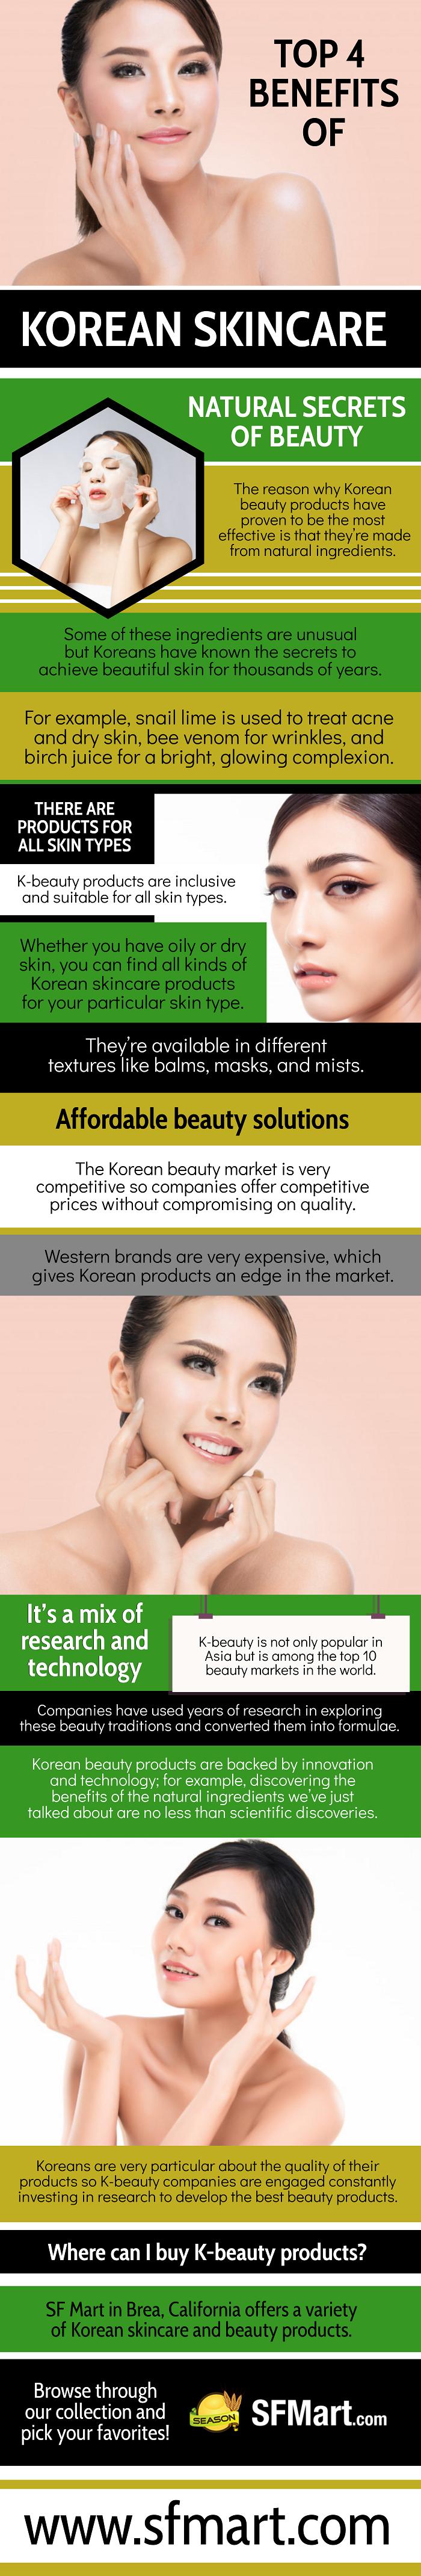 Top 4 Benefits Of Korean SkinCare